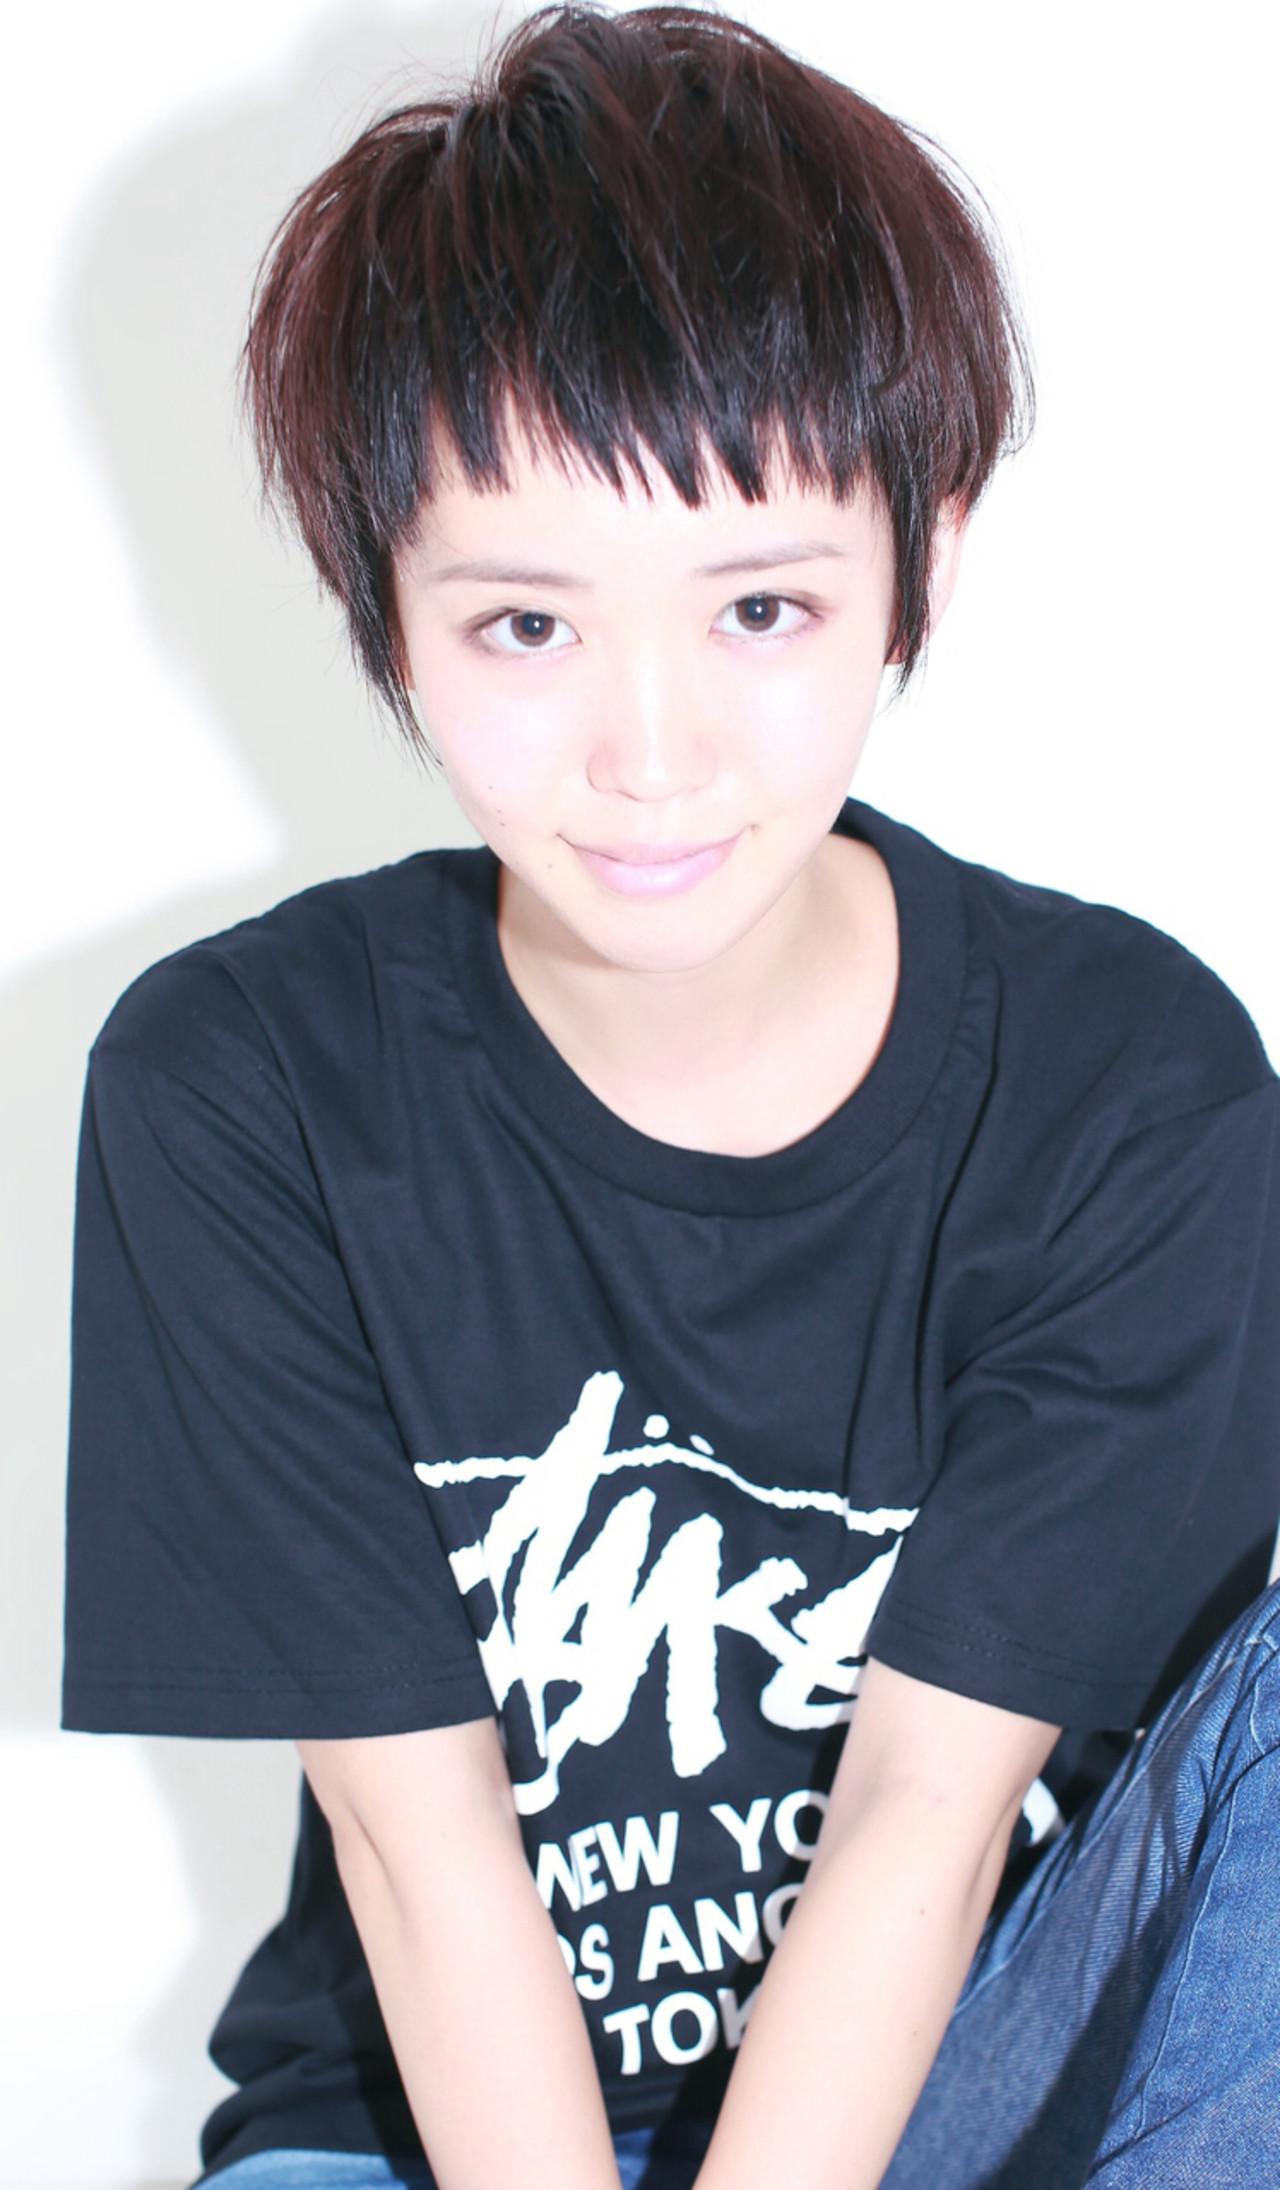 ジェンダーレス女子は中性的な髪型が決め手♡テイスト別にスタイル紹介! イマムラ スナオ